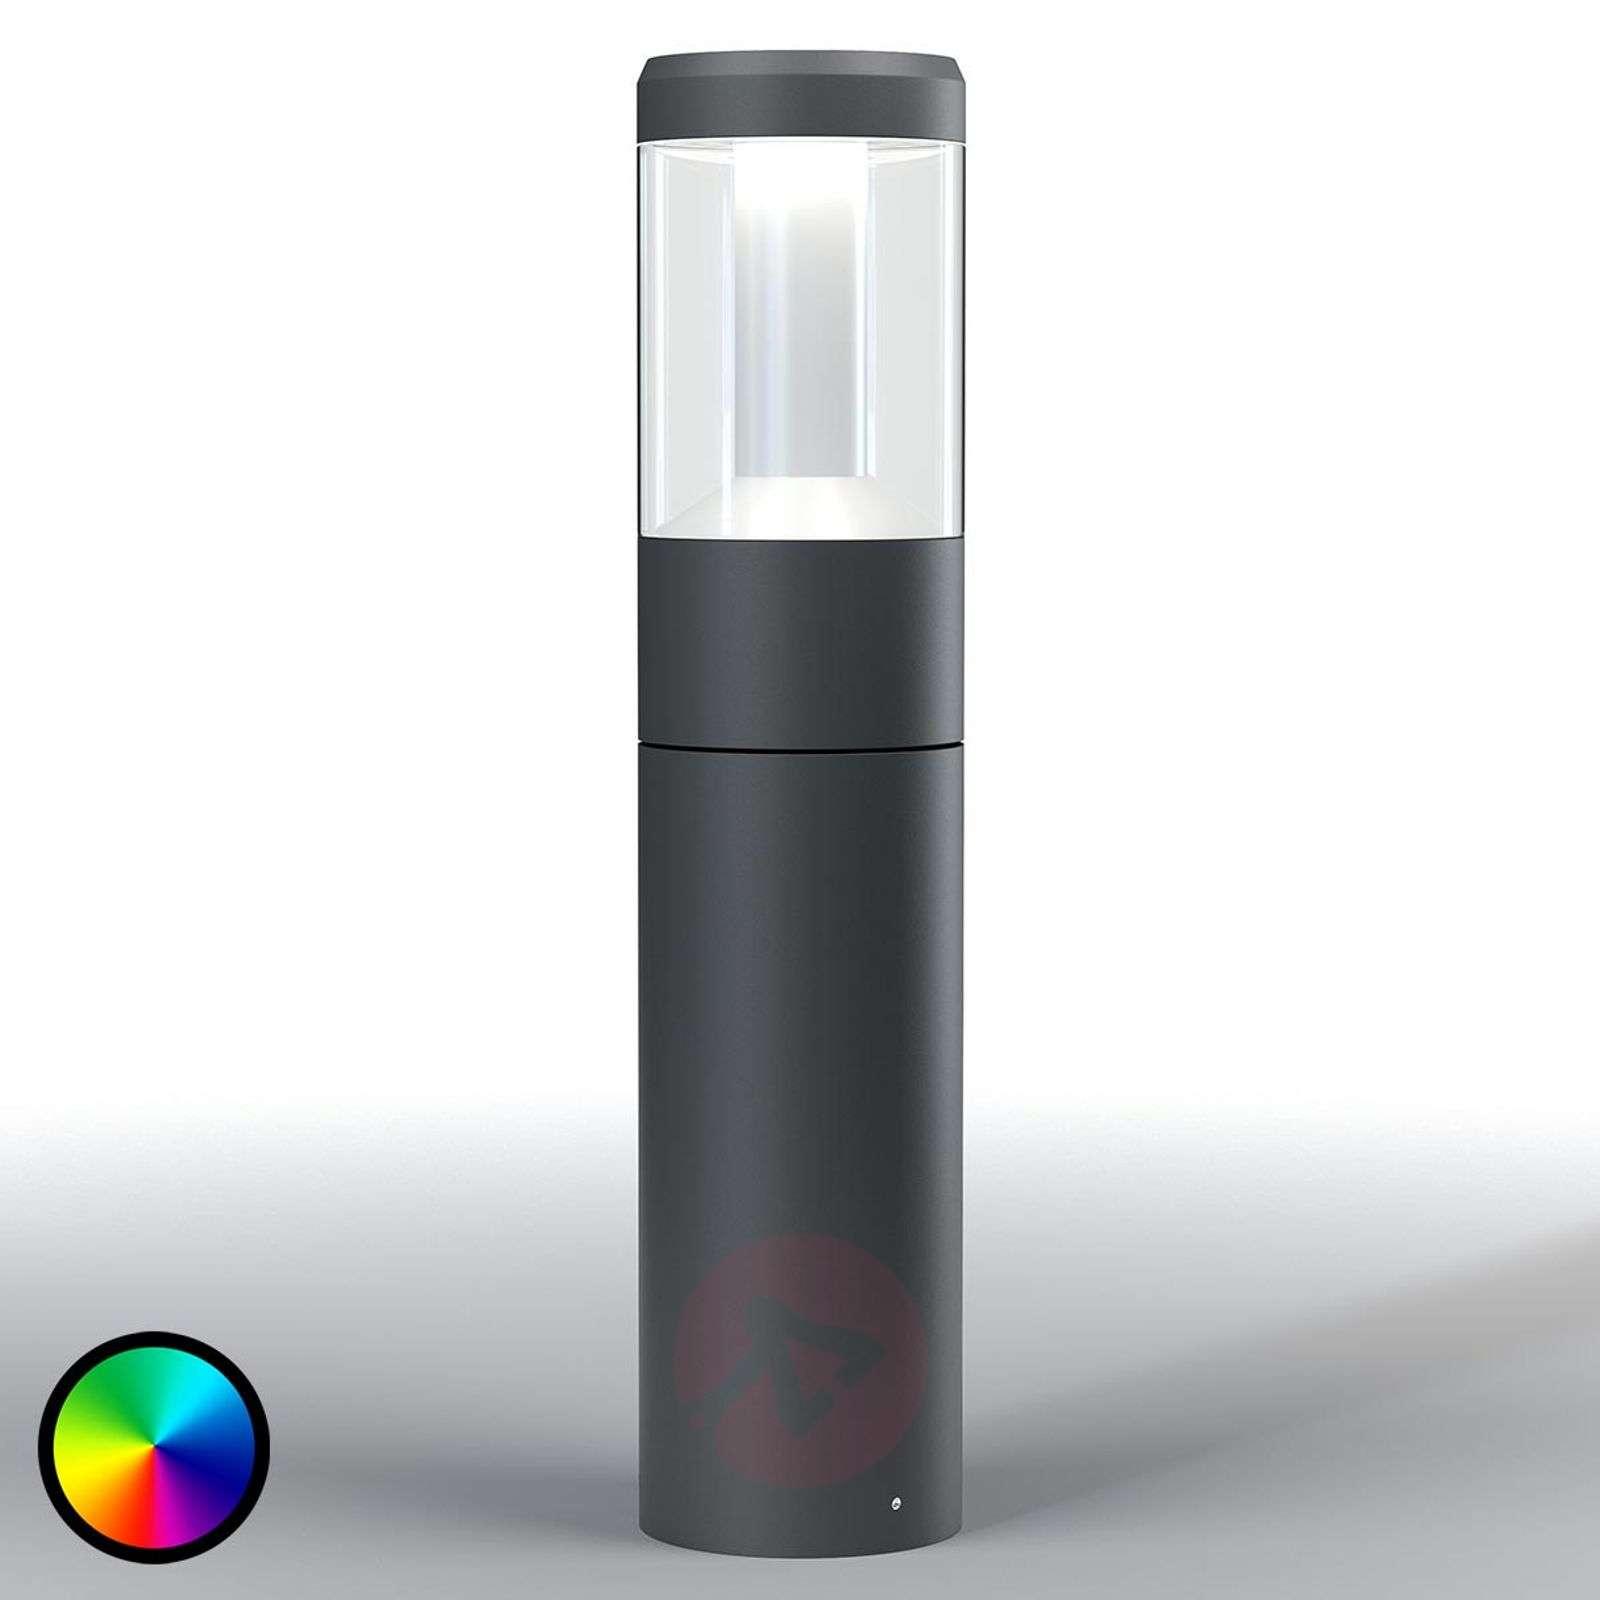 SMART+-LED-pylväsvalaisin Modern Lantern-7261259-01